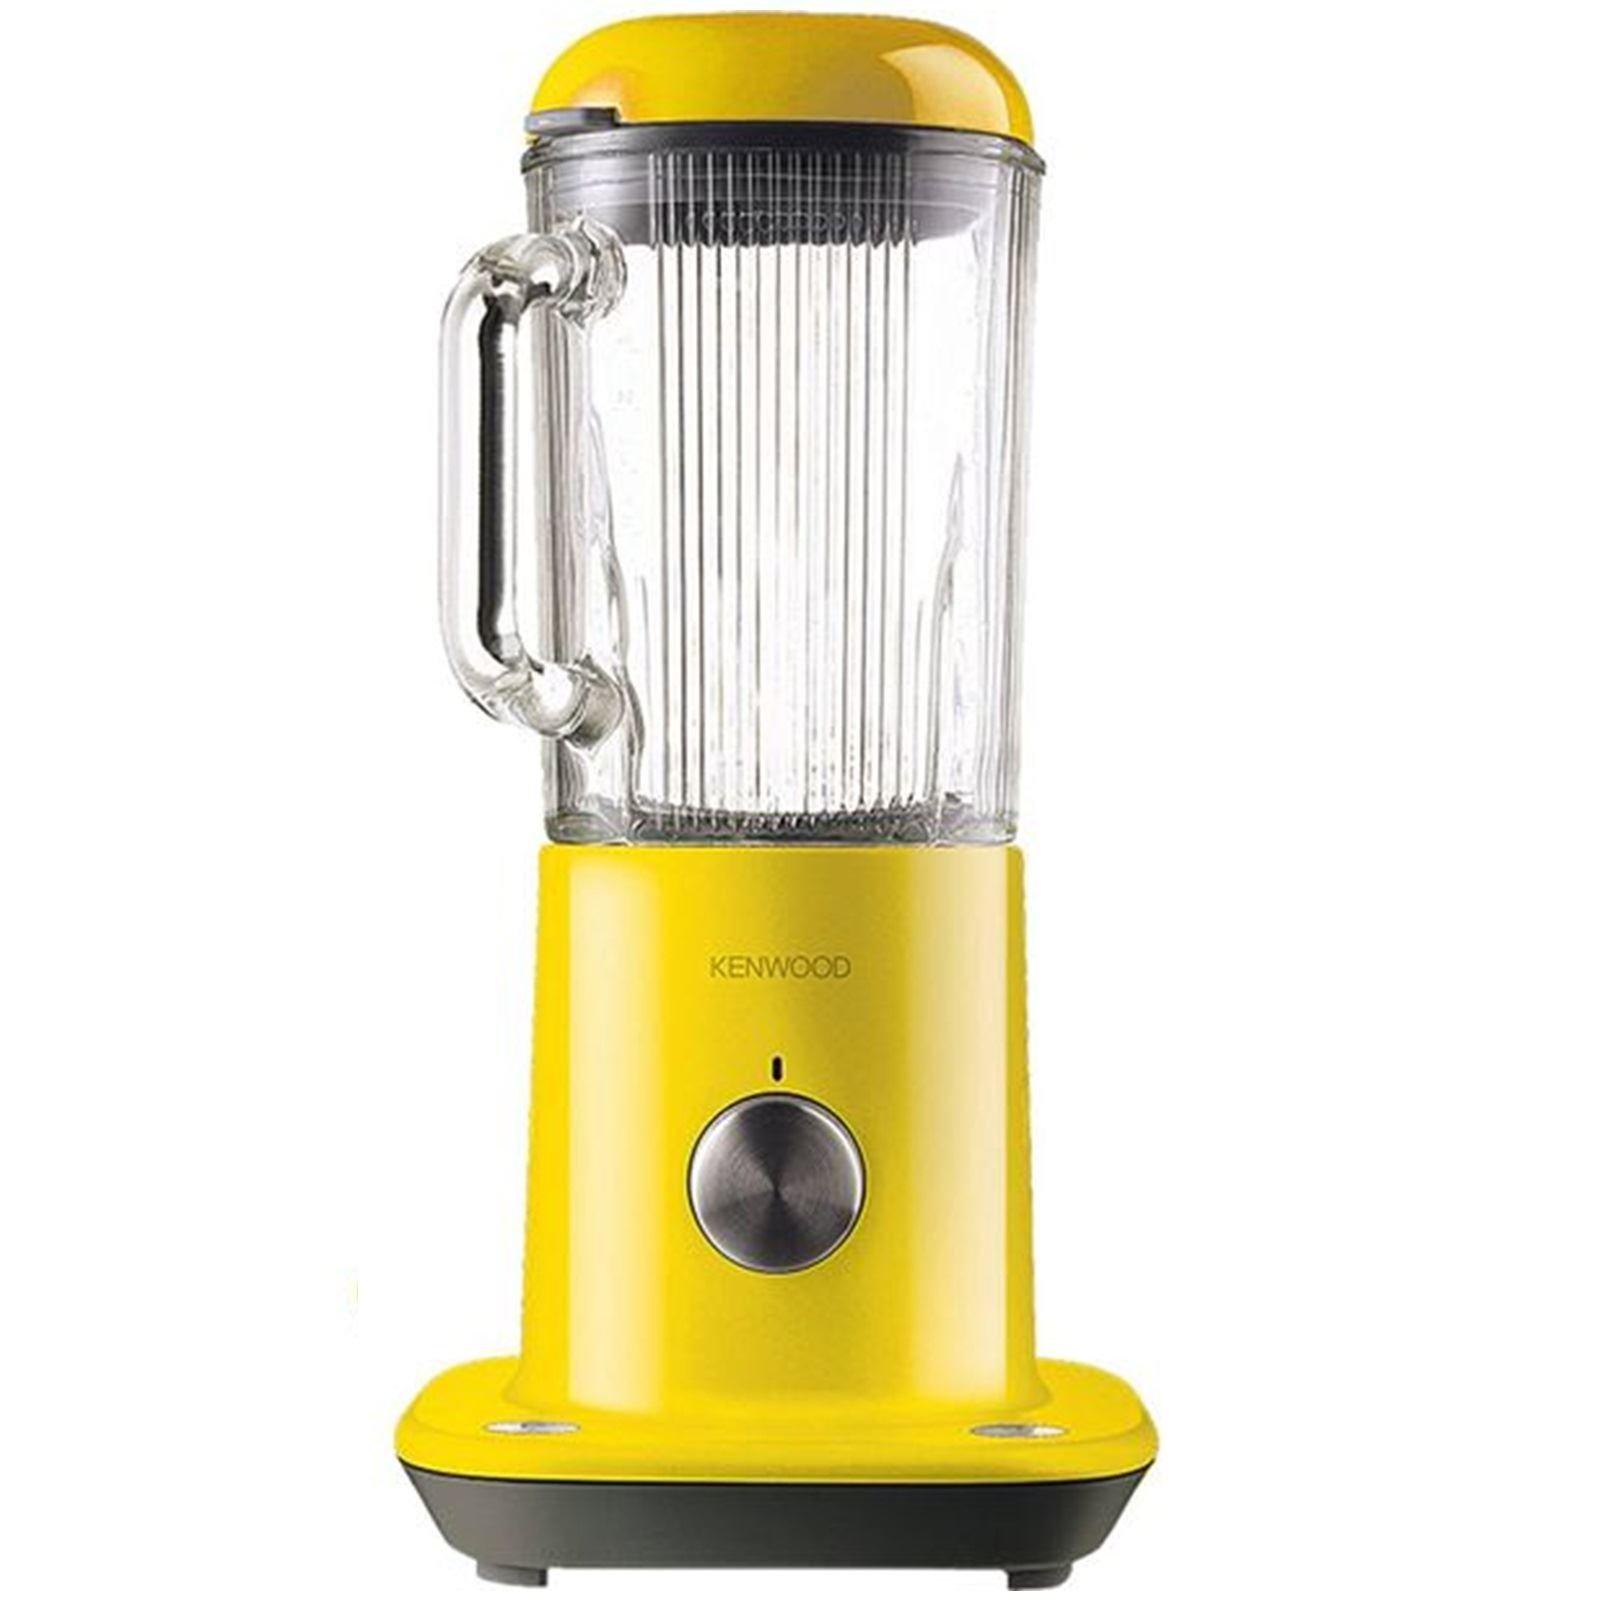 Kenwood Standmixer kMix BLX68-1.6L, gelb: Amazon.es: Hogar